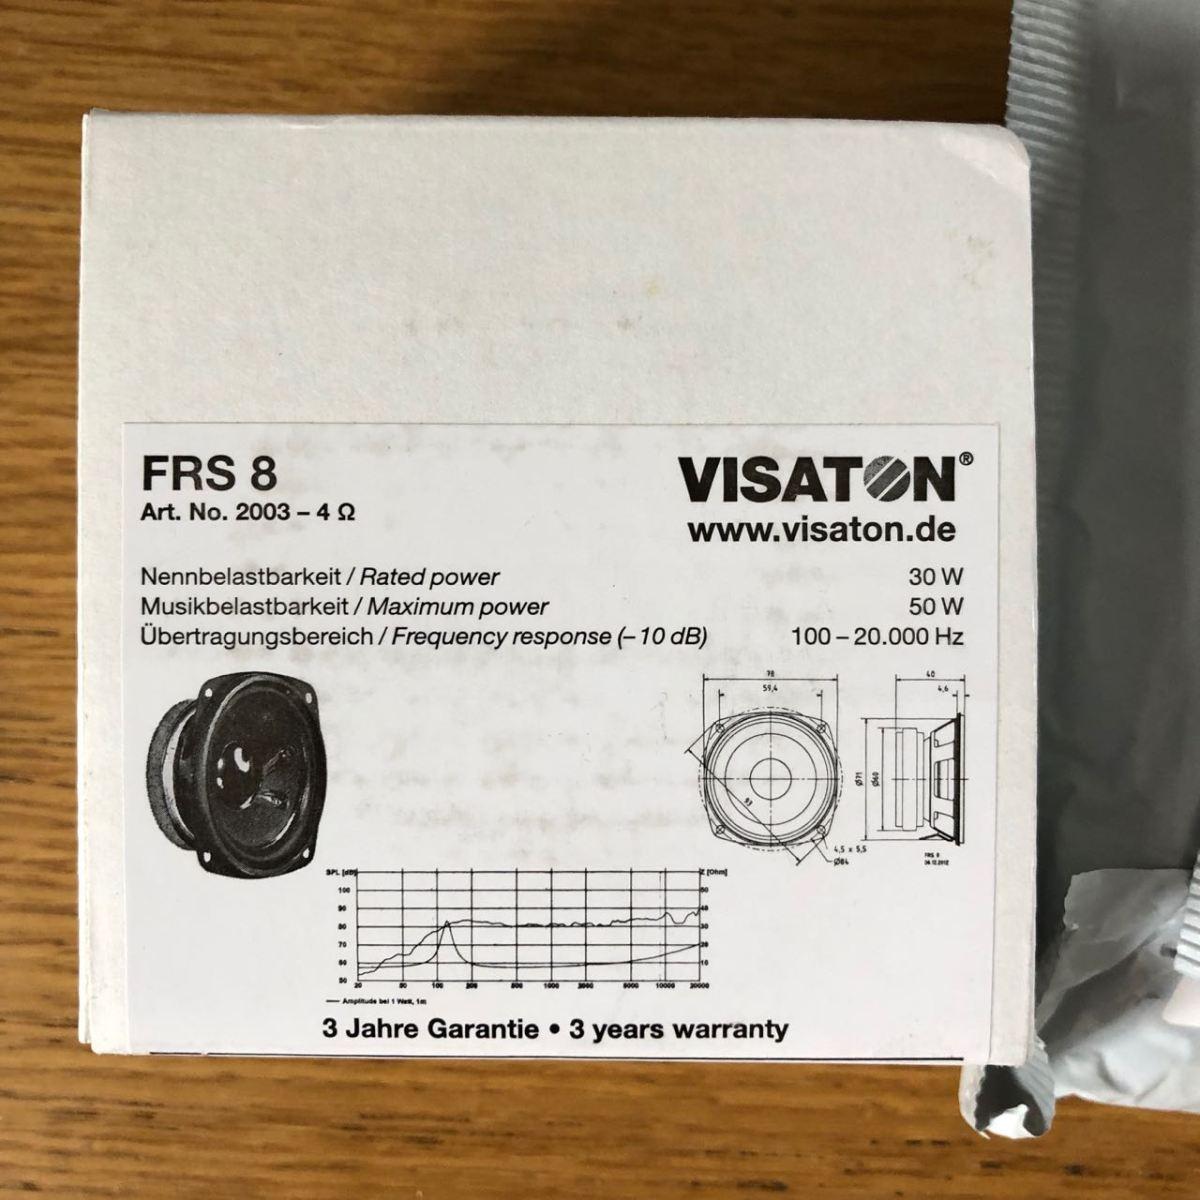 Visaton Round Cabinet Speaker, 30W nom, 50W max, 4Ω